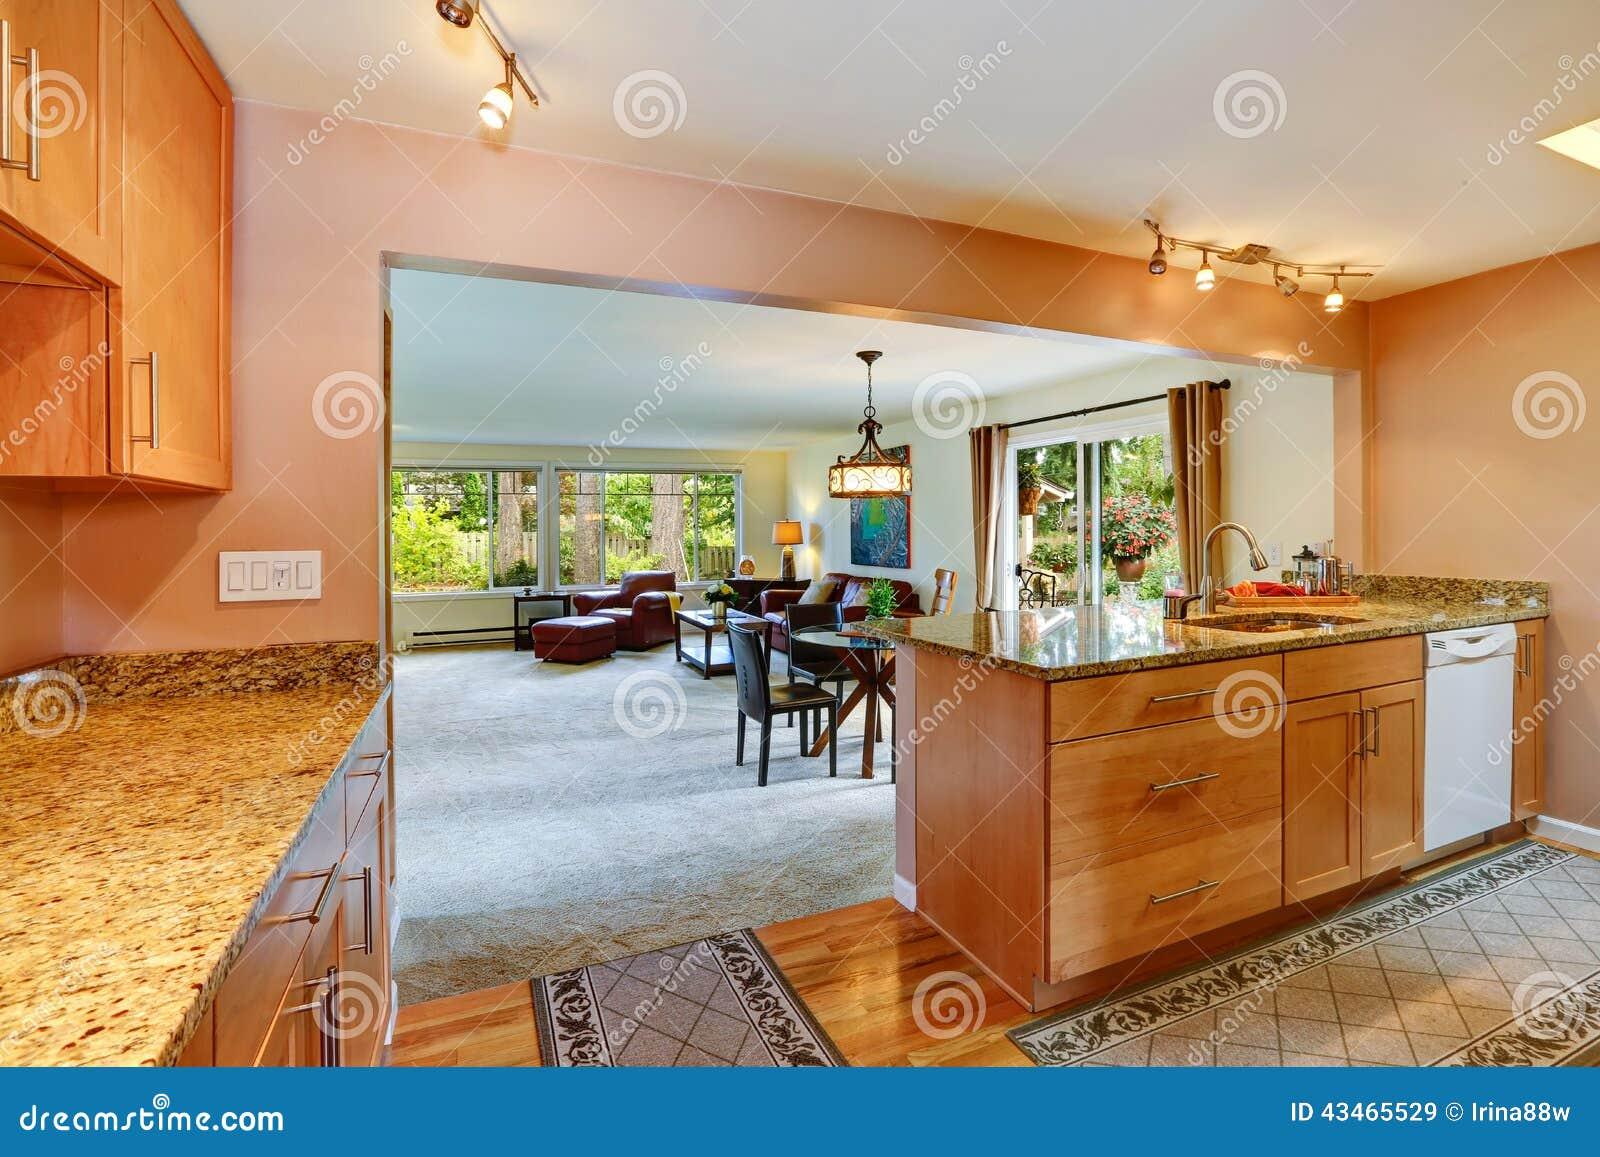 Planta Baixa Aberta Área Da Cozinha Foto de Stock Imagem: 43465529 #B24D17 1300 957